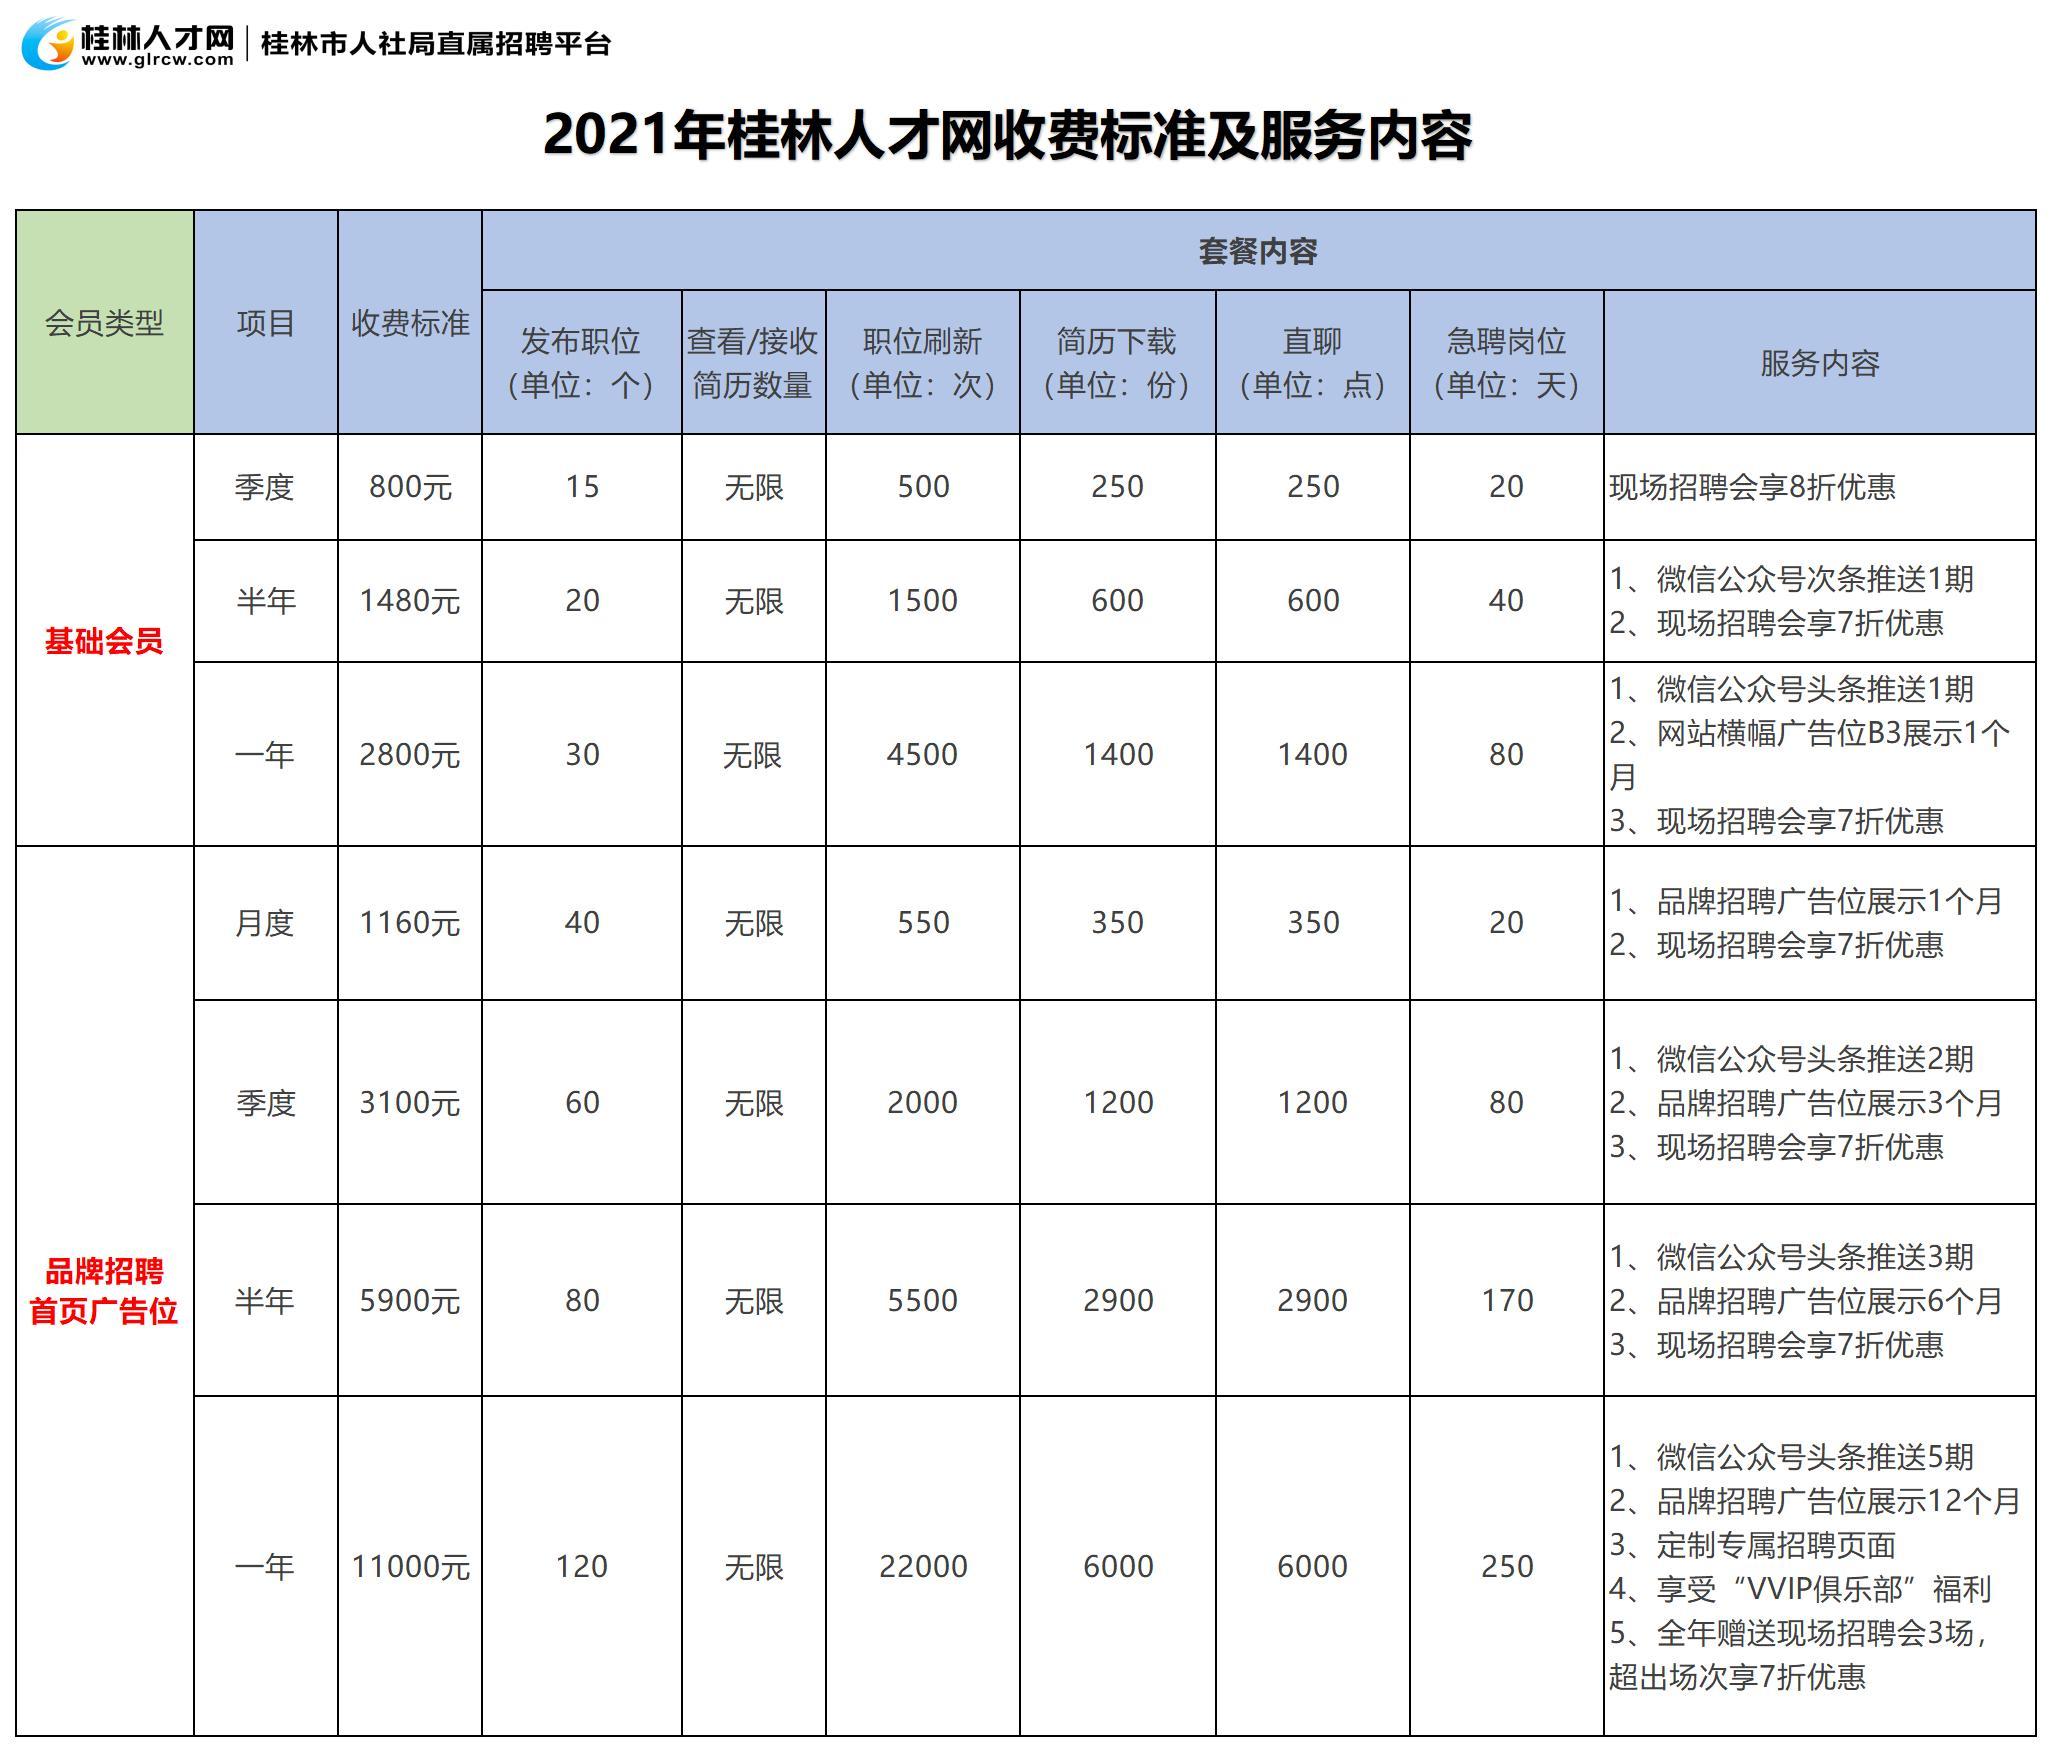 2021年桂林人才网价目表